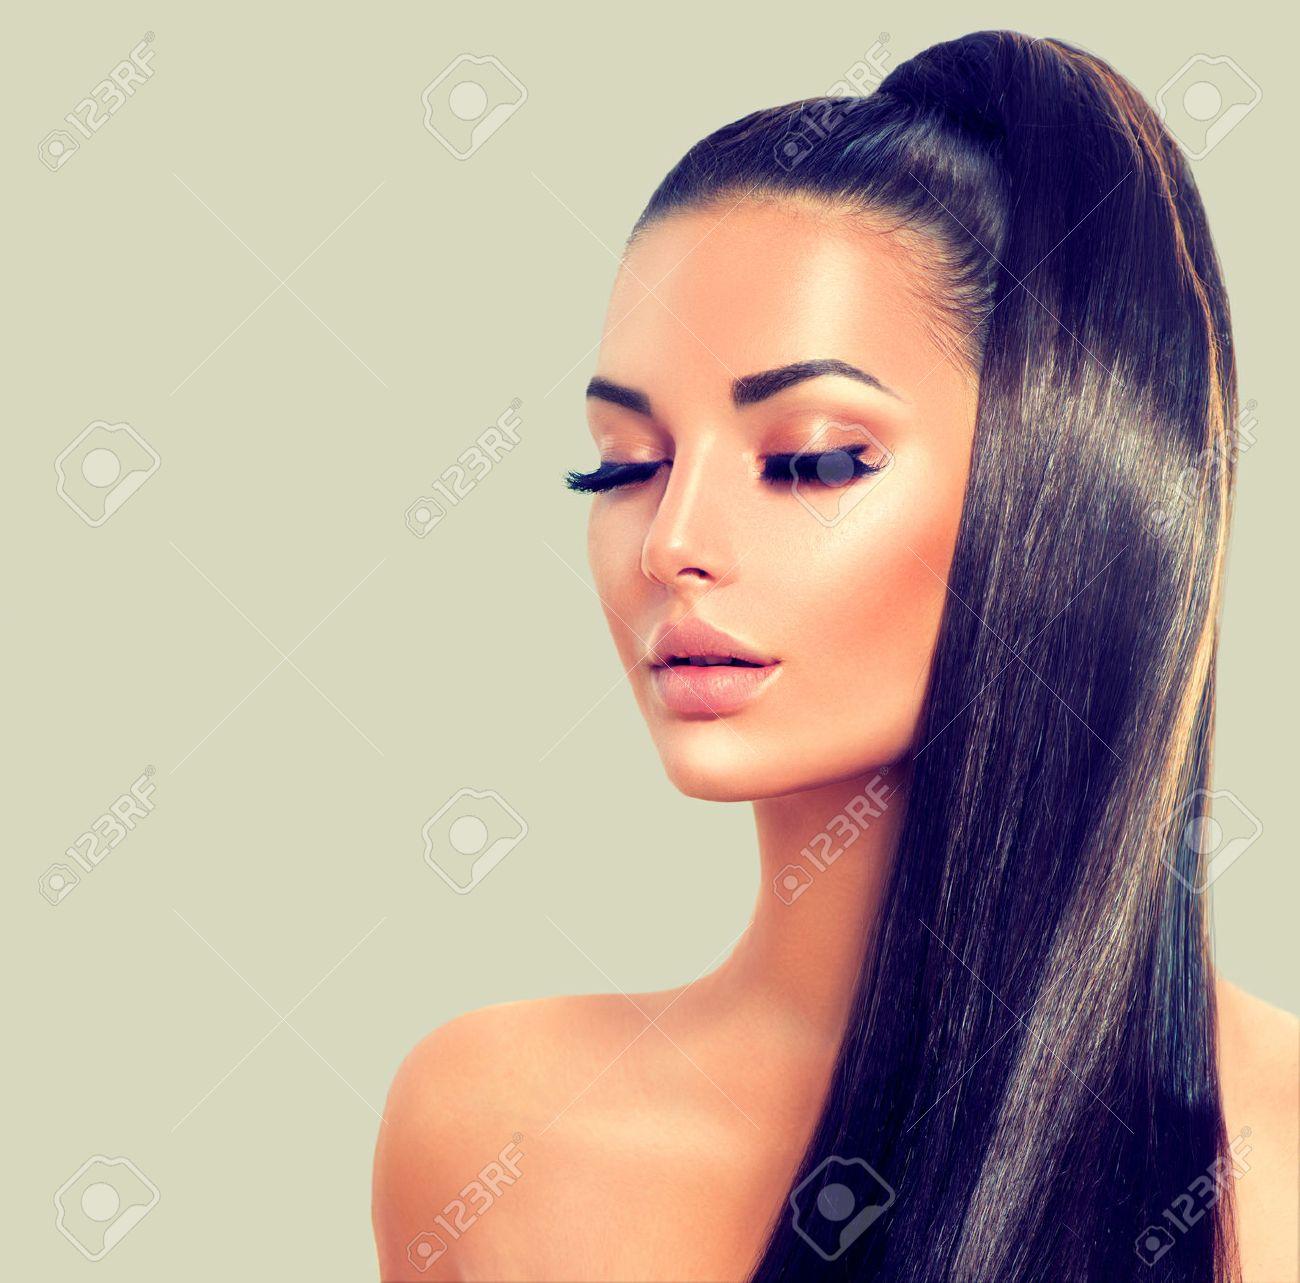 Long sexy girls